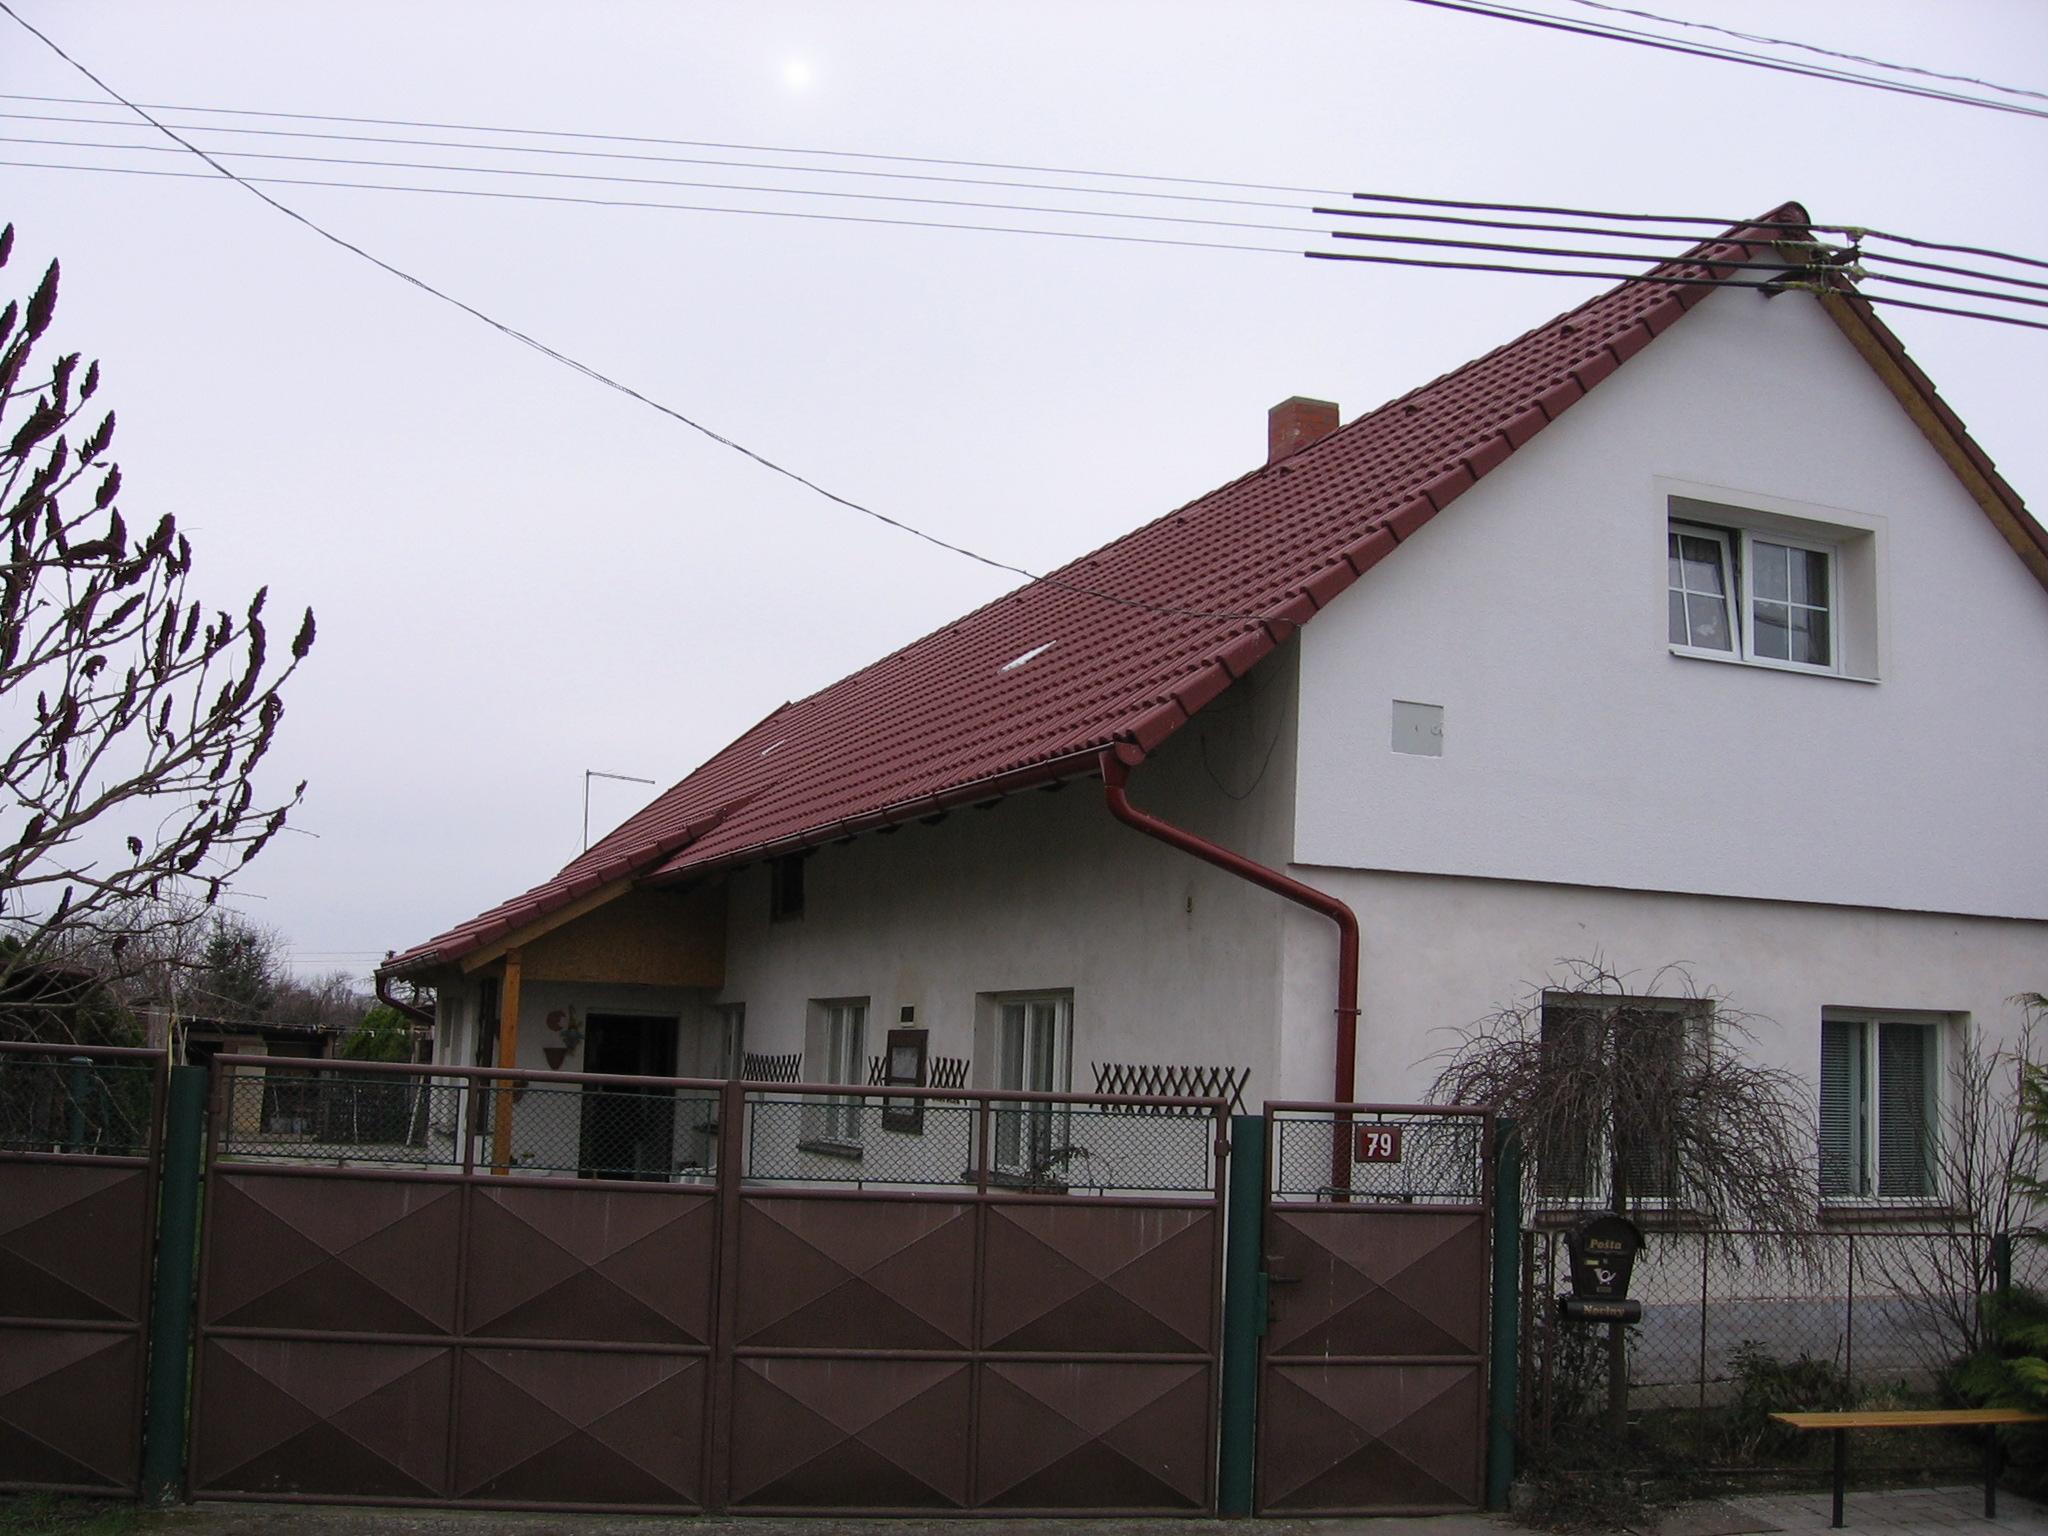 betonovc3a1-krytina-mediterran